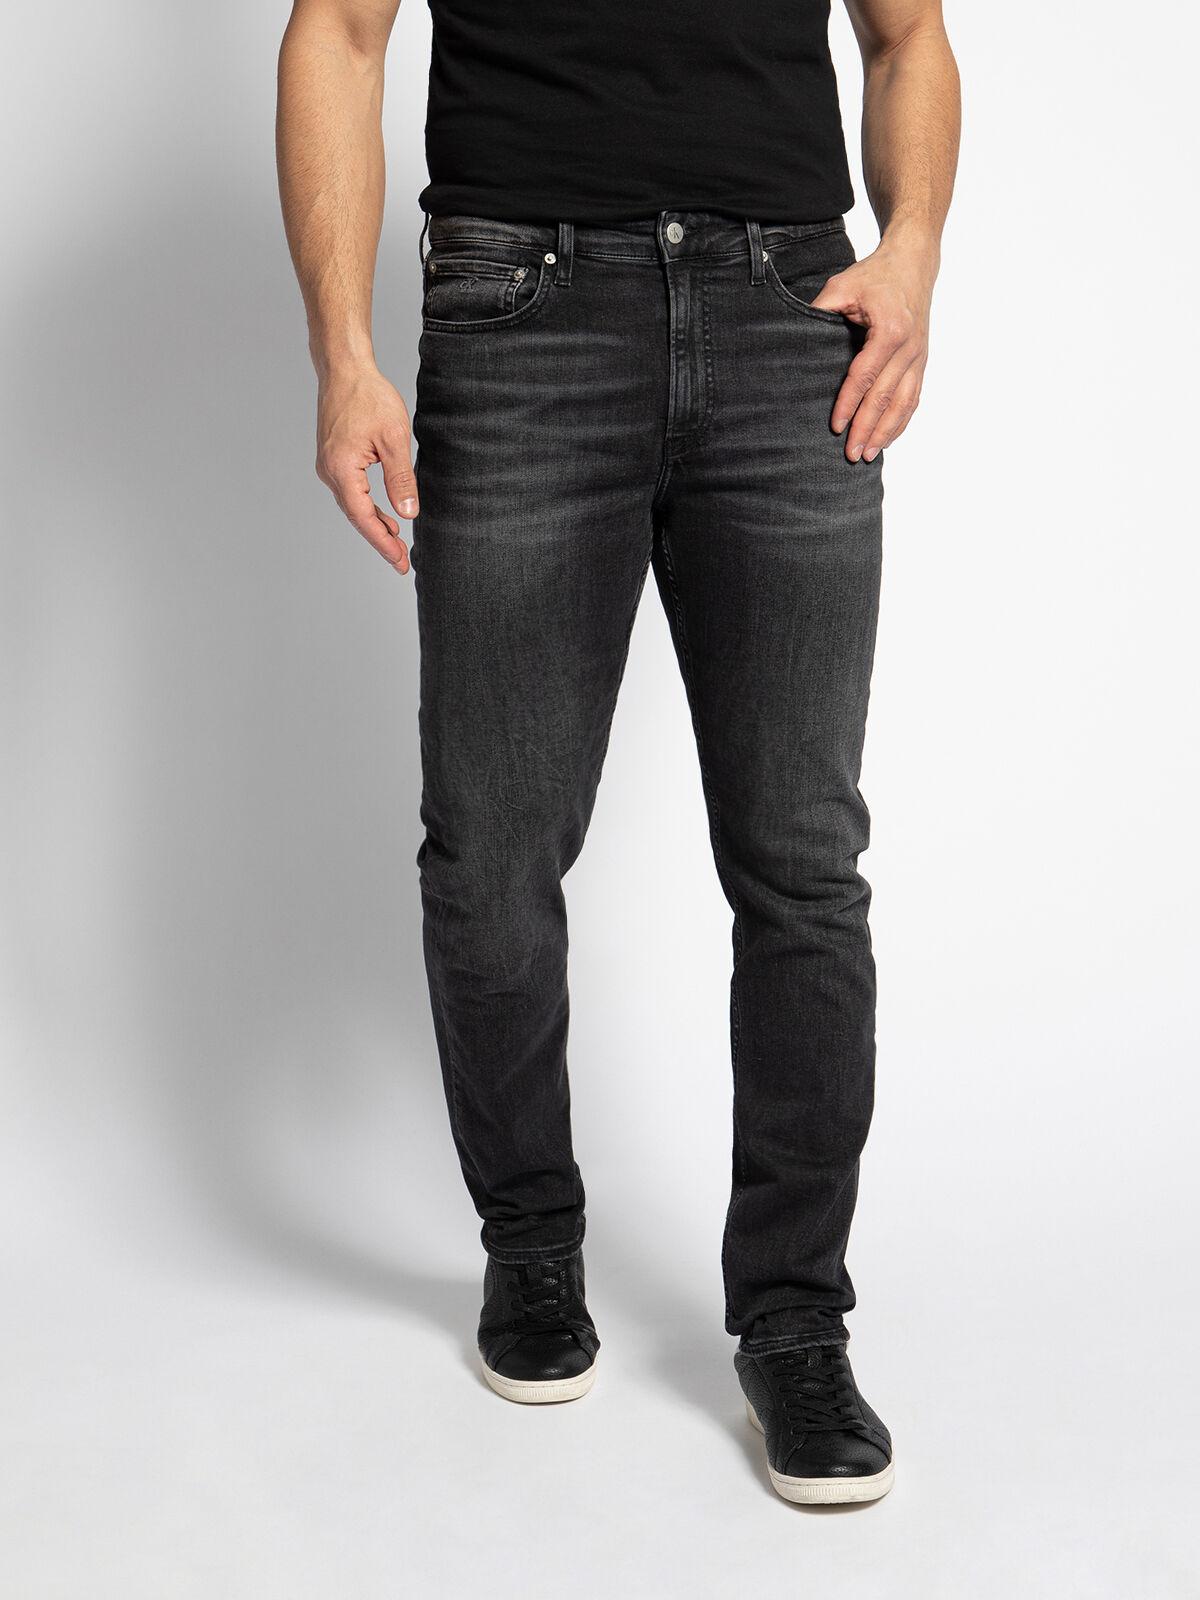 Spijkerbroek CKJ 058